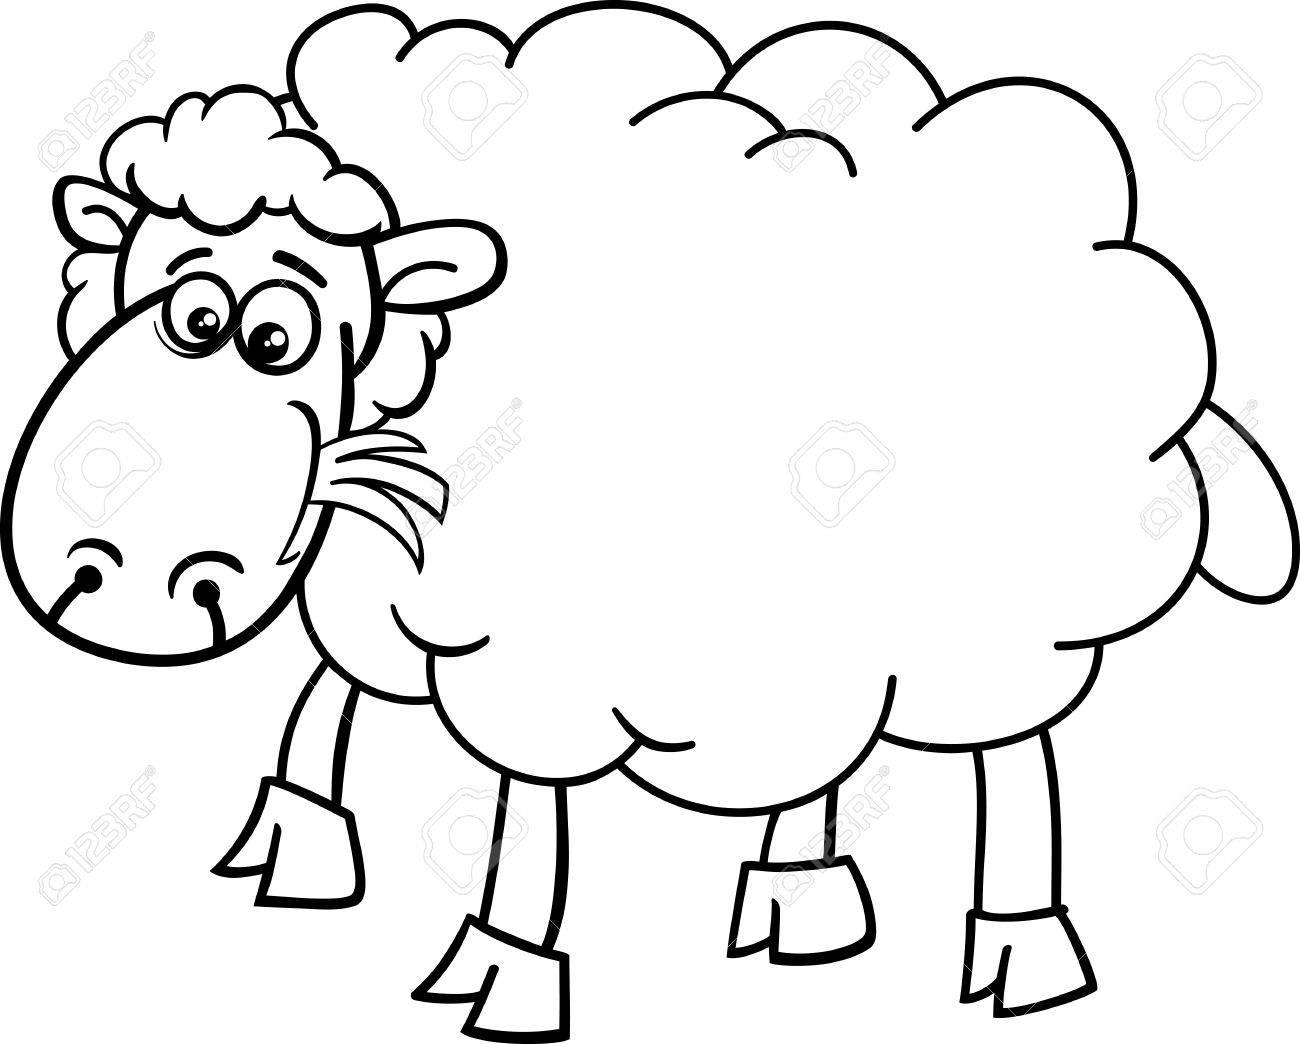 Black And White Cartoon Illustration Von Funny Sheep Nutztiere Für